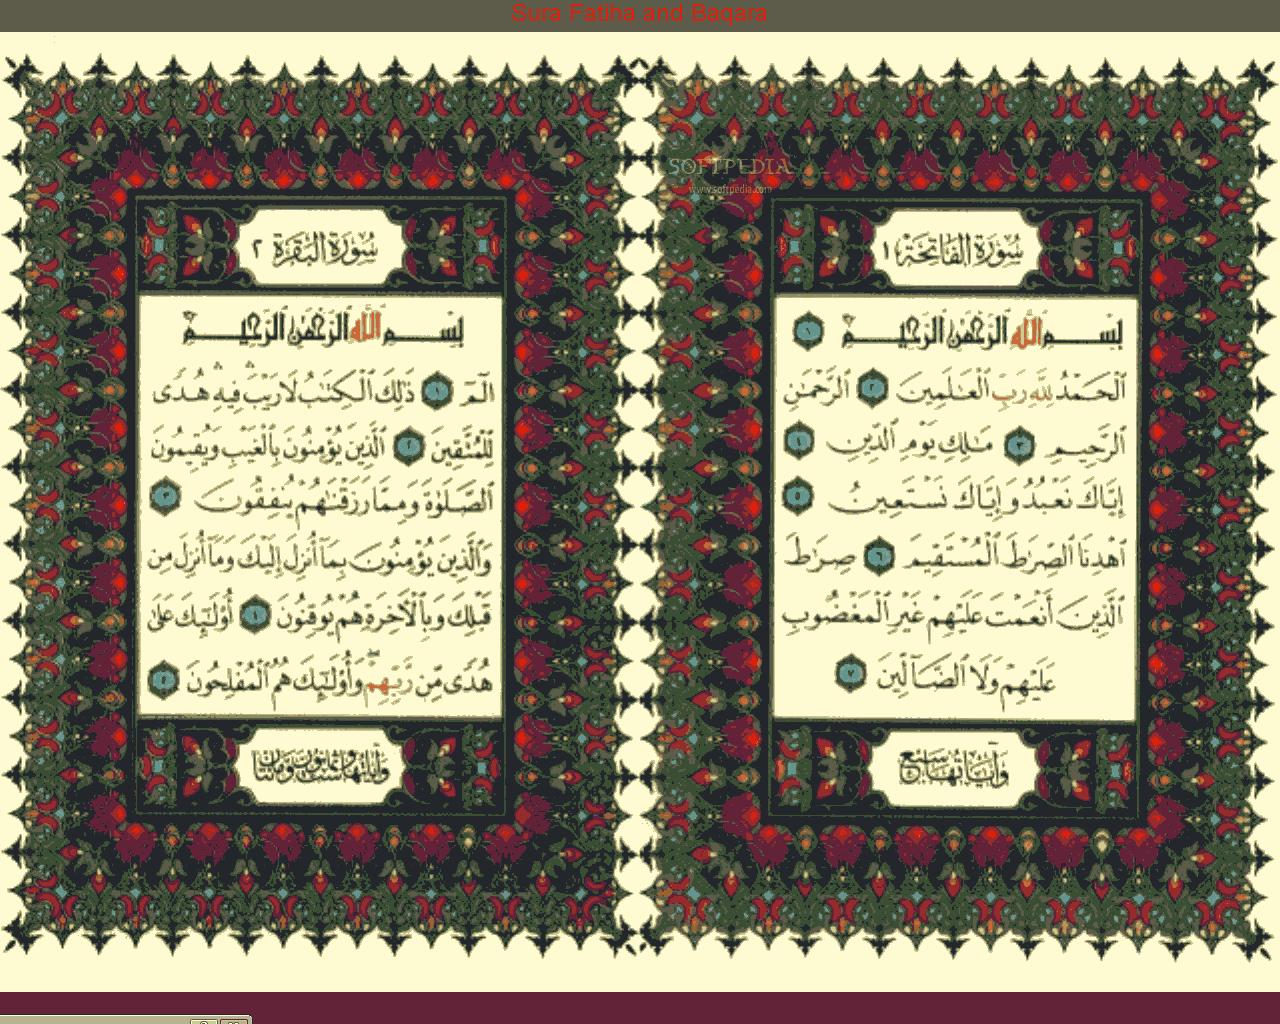 Download Quran Ayat screensaver 1 08